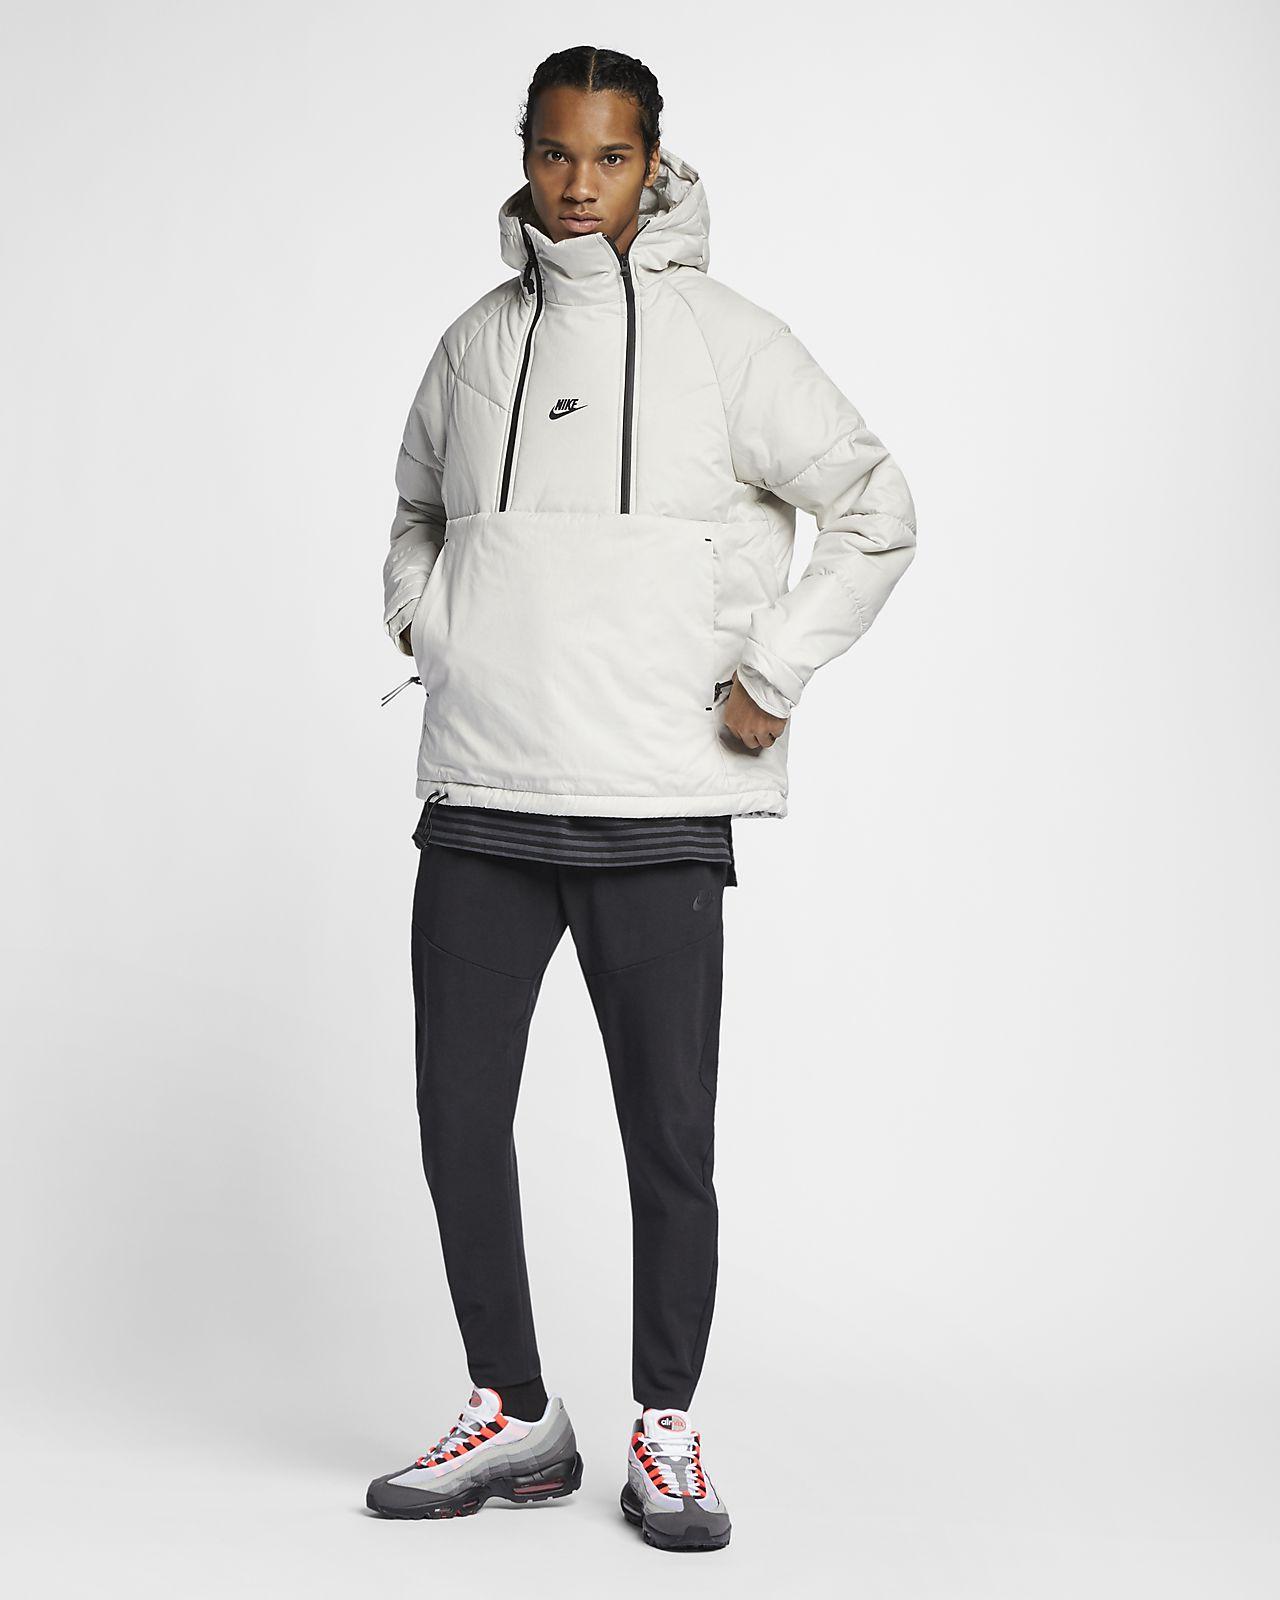 5d5b980f9 Nike Sportswear Tech Pack Men's Synthetic Fill Jacket. Nike.com AU